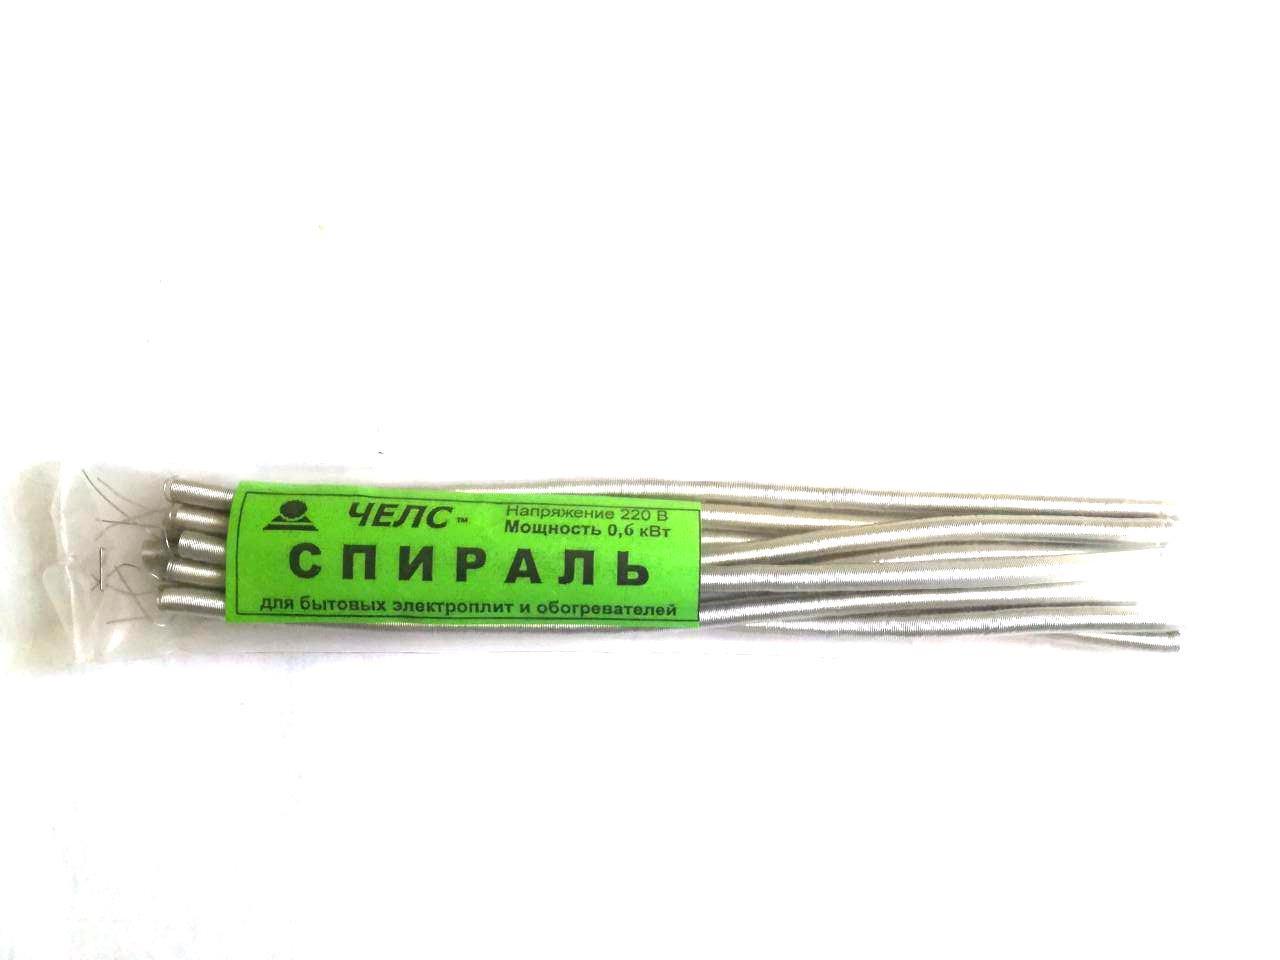 Спираль ЧЕЛС для бытовых электроплит и обогревателей 0.6кВт / 220В